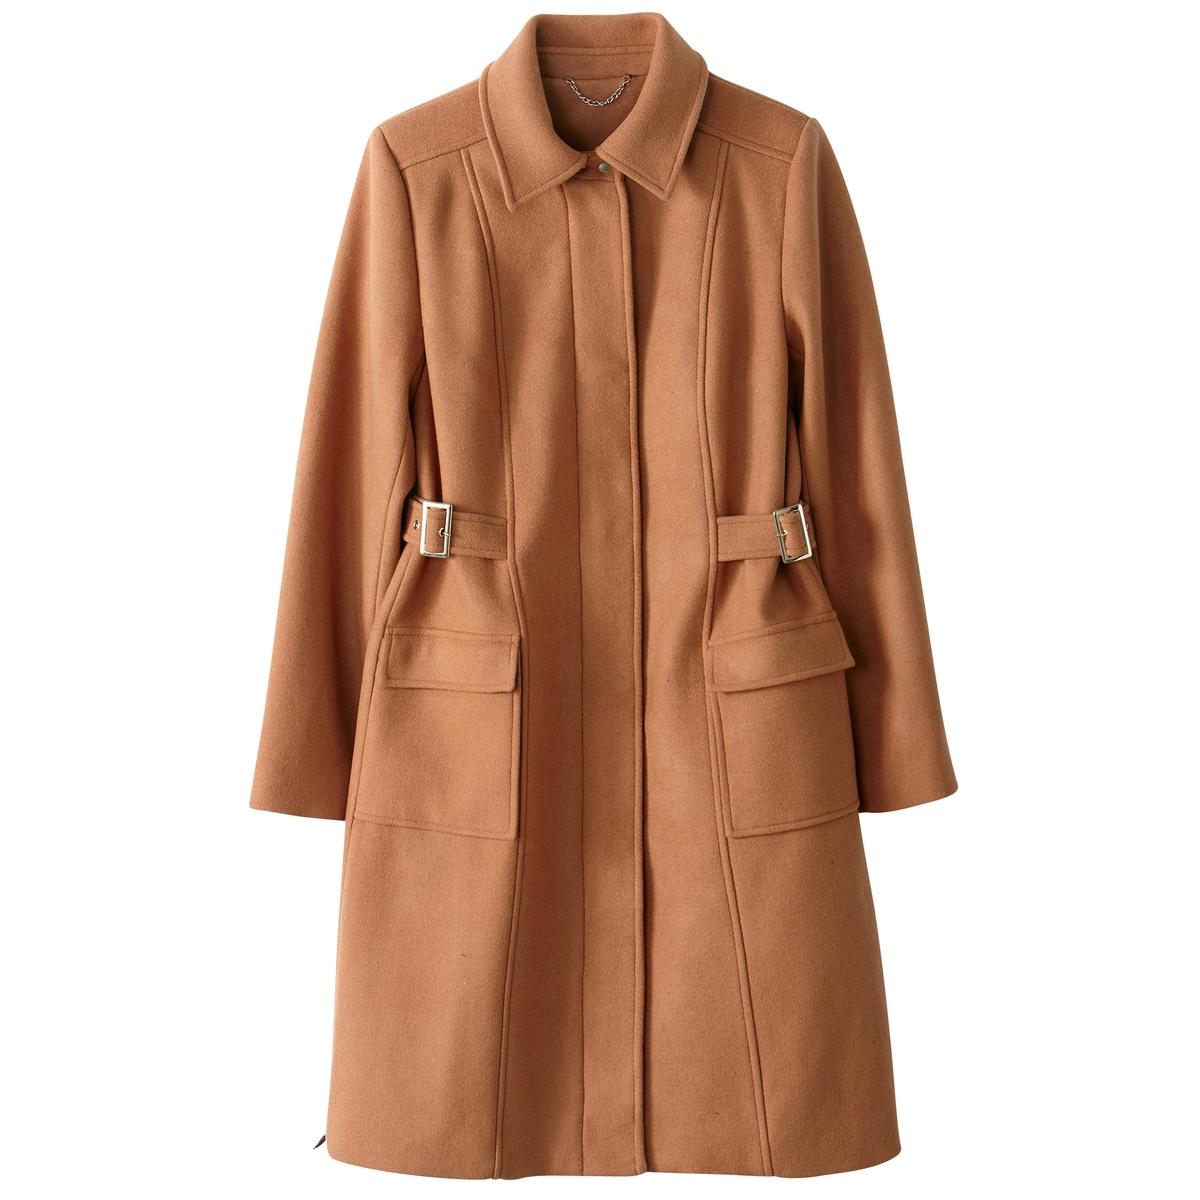 Пальто на молнии 72% шерстиУтепленное пальто из смесовой шерсти очень модного покроя из структурной ткани . Симпатичные ремешки с пряжками, которые подчеркивают талию .Детали •  Длина : удлиненная модель •  Воротник-стойка •  Застежка на молниюСостав и уход •  72% шерсти, 7% акрила, 1% полиамида, 20% полиэстера • Не стирать •  Деликатная чистка/без отбеливателей •  Не использовать барабанную сушку   •  Низкая температура глажки •  Длина : 100 см.<br><br>Цвет: темно-бежевый,черный<br>Размер: 50 (FR) - 56 (RUS).38 (FR) - 44 (RUS).34 (FR) - 40 (RUS)